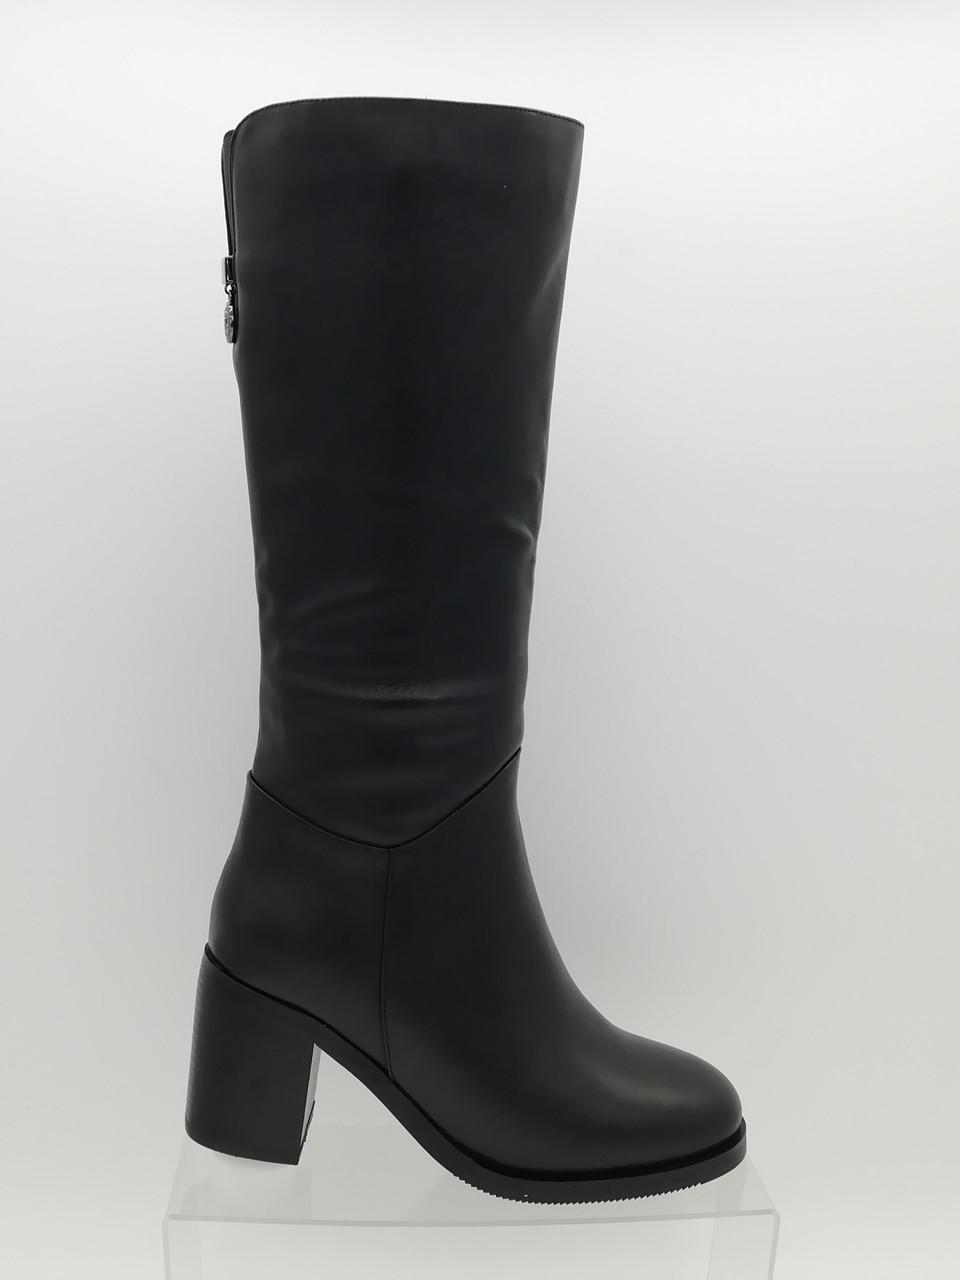 Чорні високі шкіряні зимові чоботи . Маленькі розміри (33 - 35).